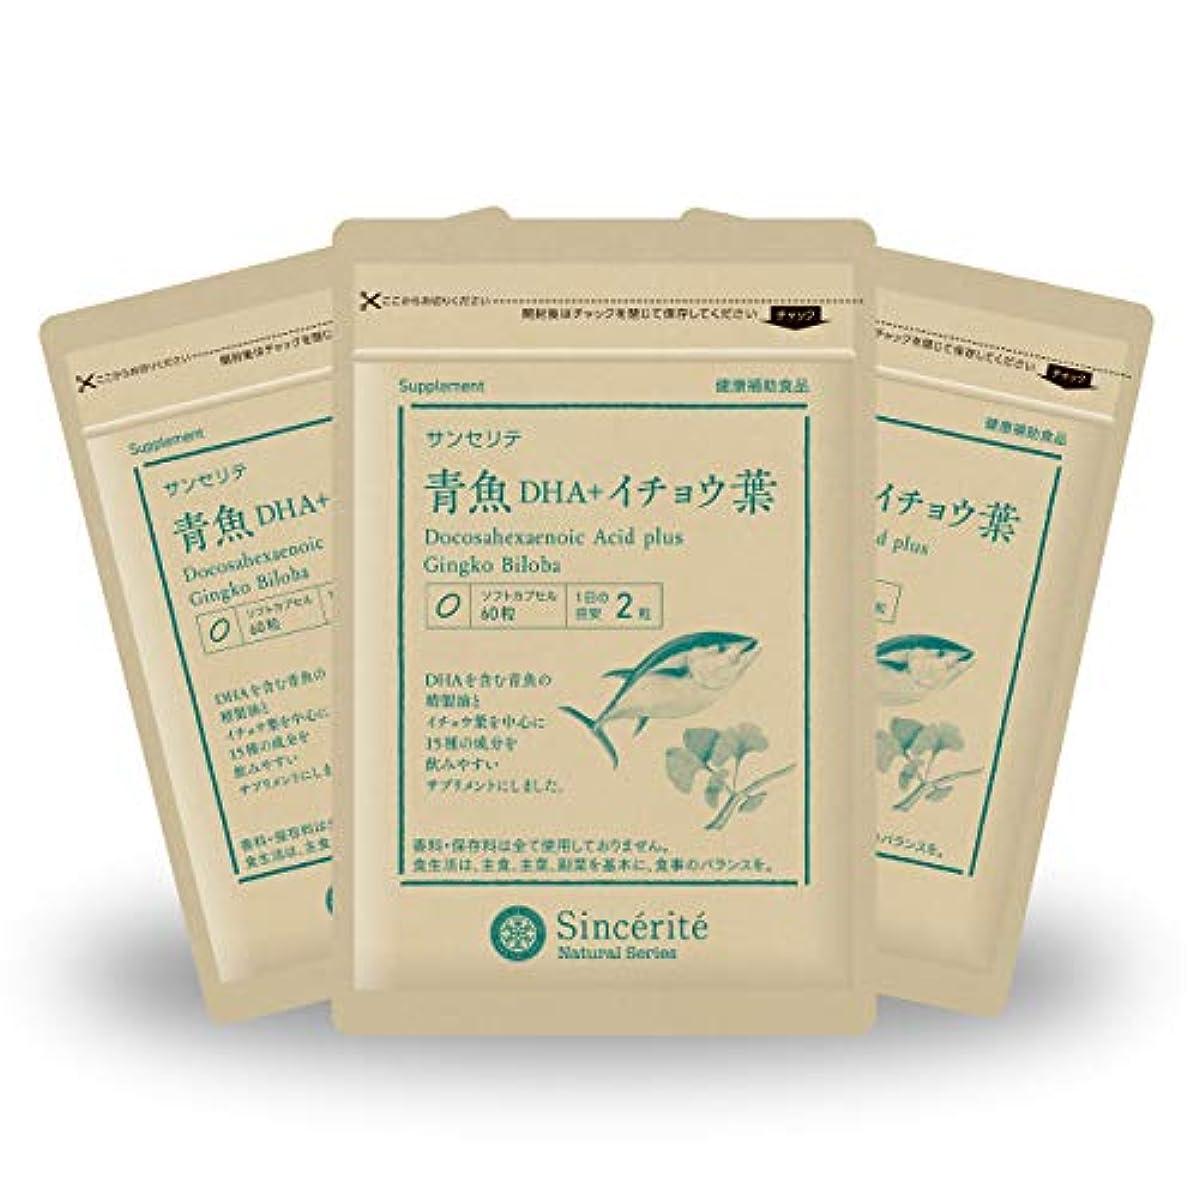 罪人スケート小競り合い青魚DHA+イチョウ葉 3袋セット[送料無料][DHA]101mg配合[国内製造]お得な★90日分